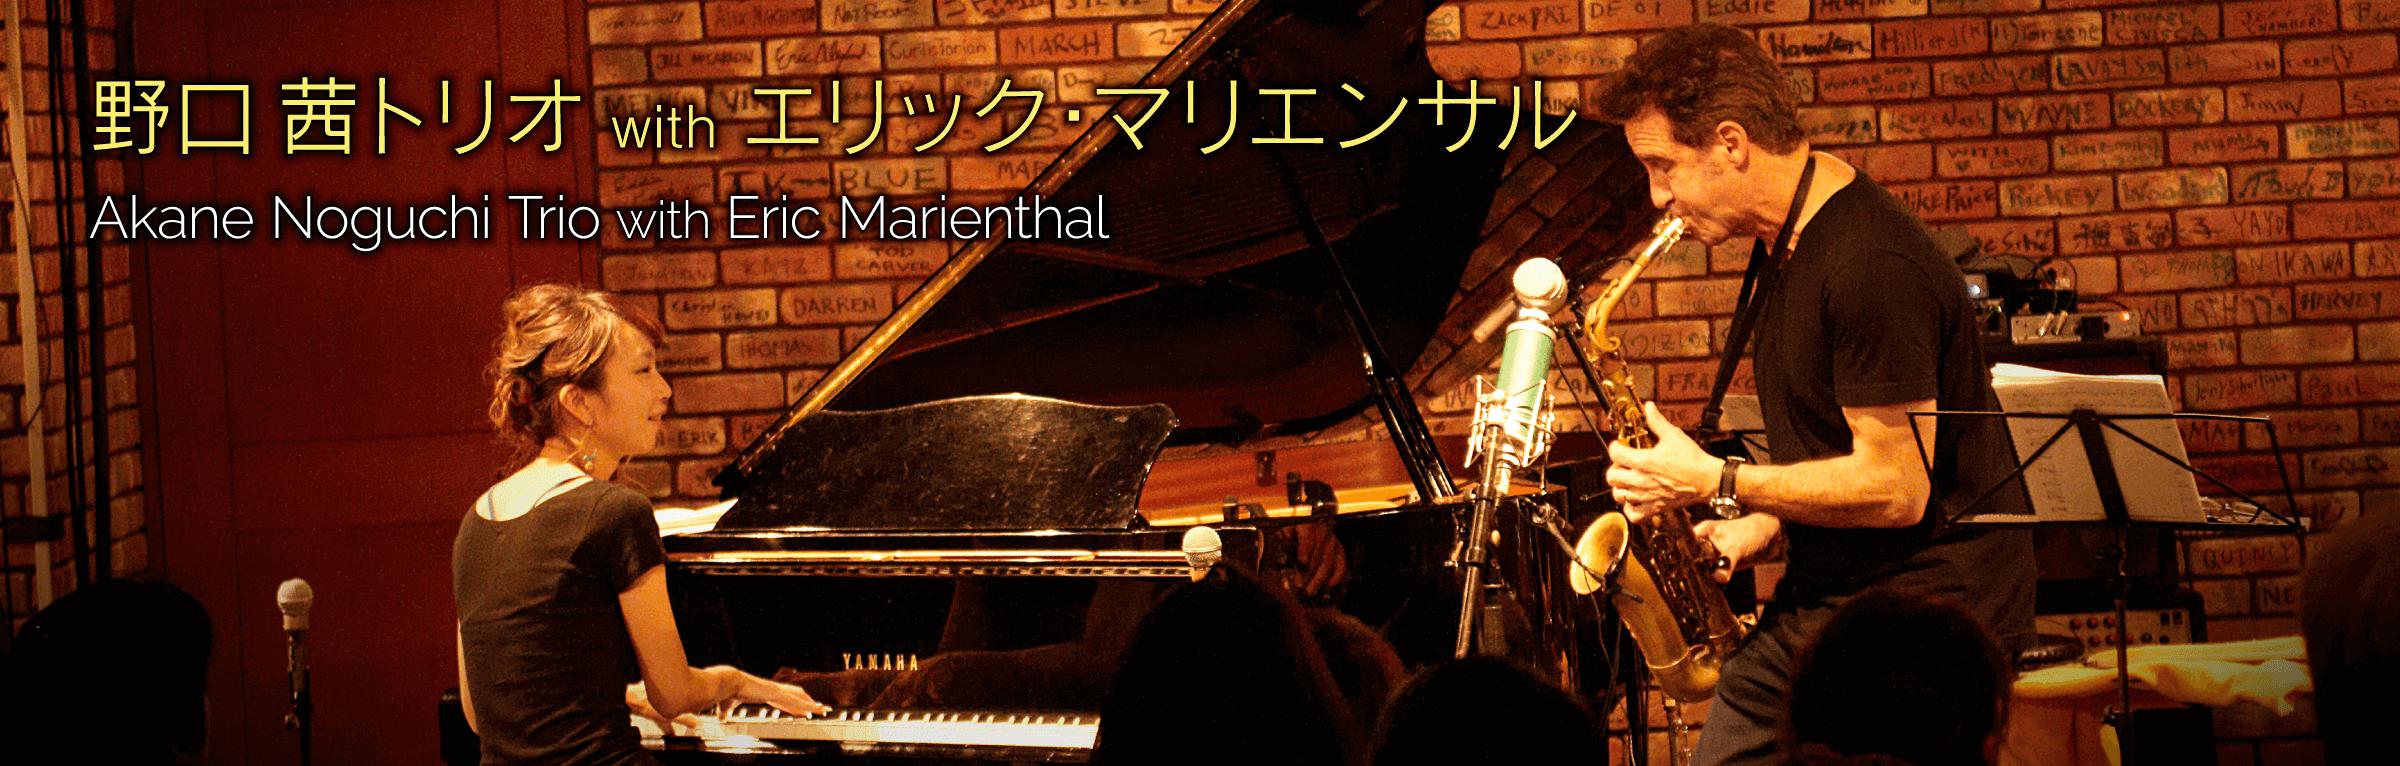 野口茜ピアノトリオwith エリックマリエンサルCDを作りたい!